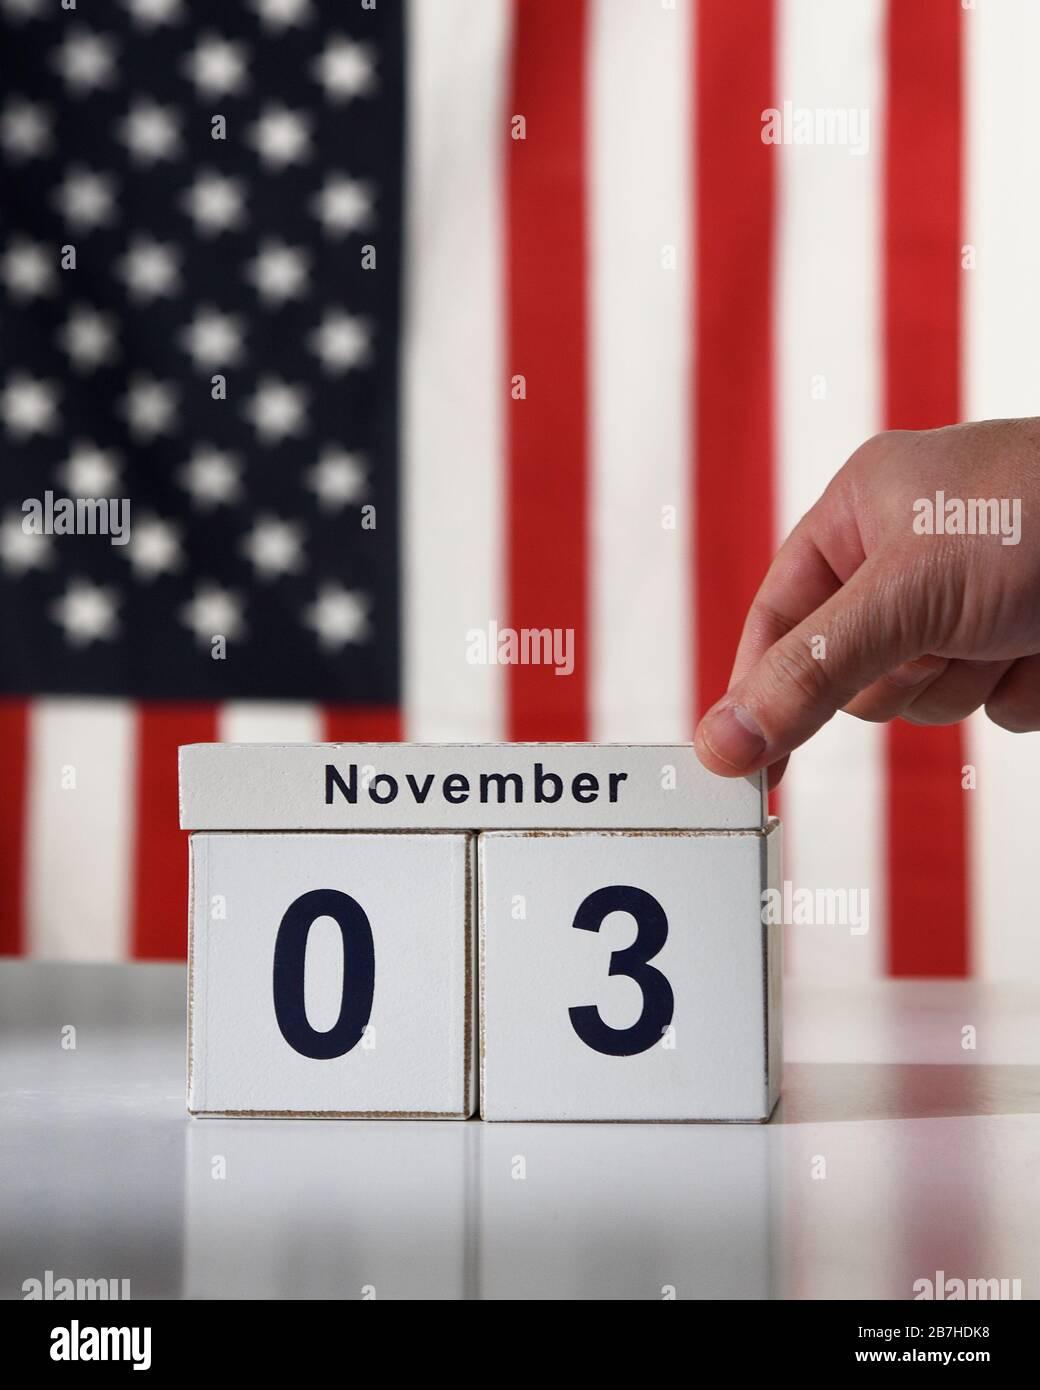 Une main sauva la date du 3 novembre 2020 pour l'élection présidentielle démocratique avec un drapeau américain dans le contexte d'un concept d'électeur. Banque D'Images